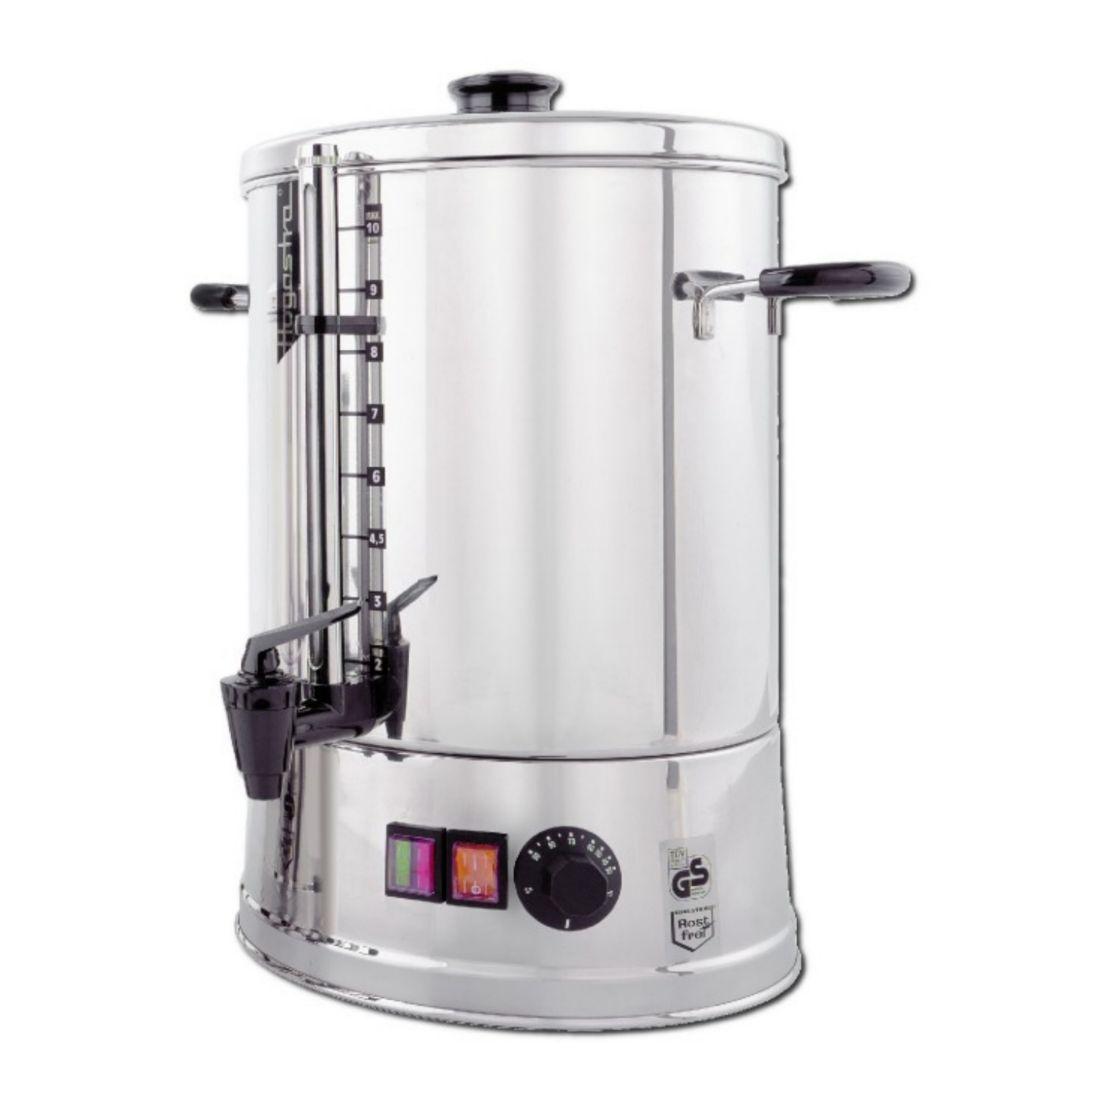 Automat na horkou vodu Hogastra 10 L